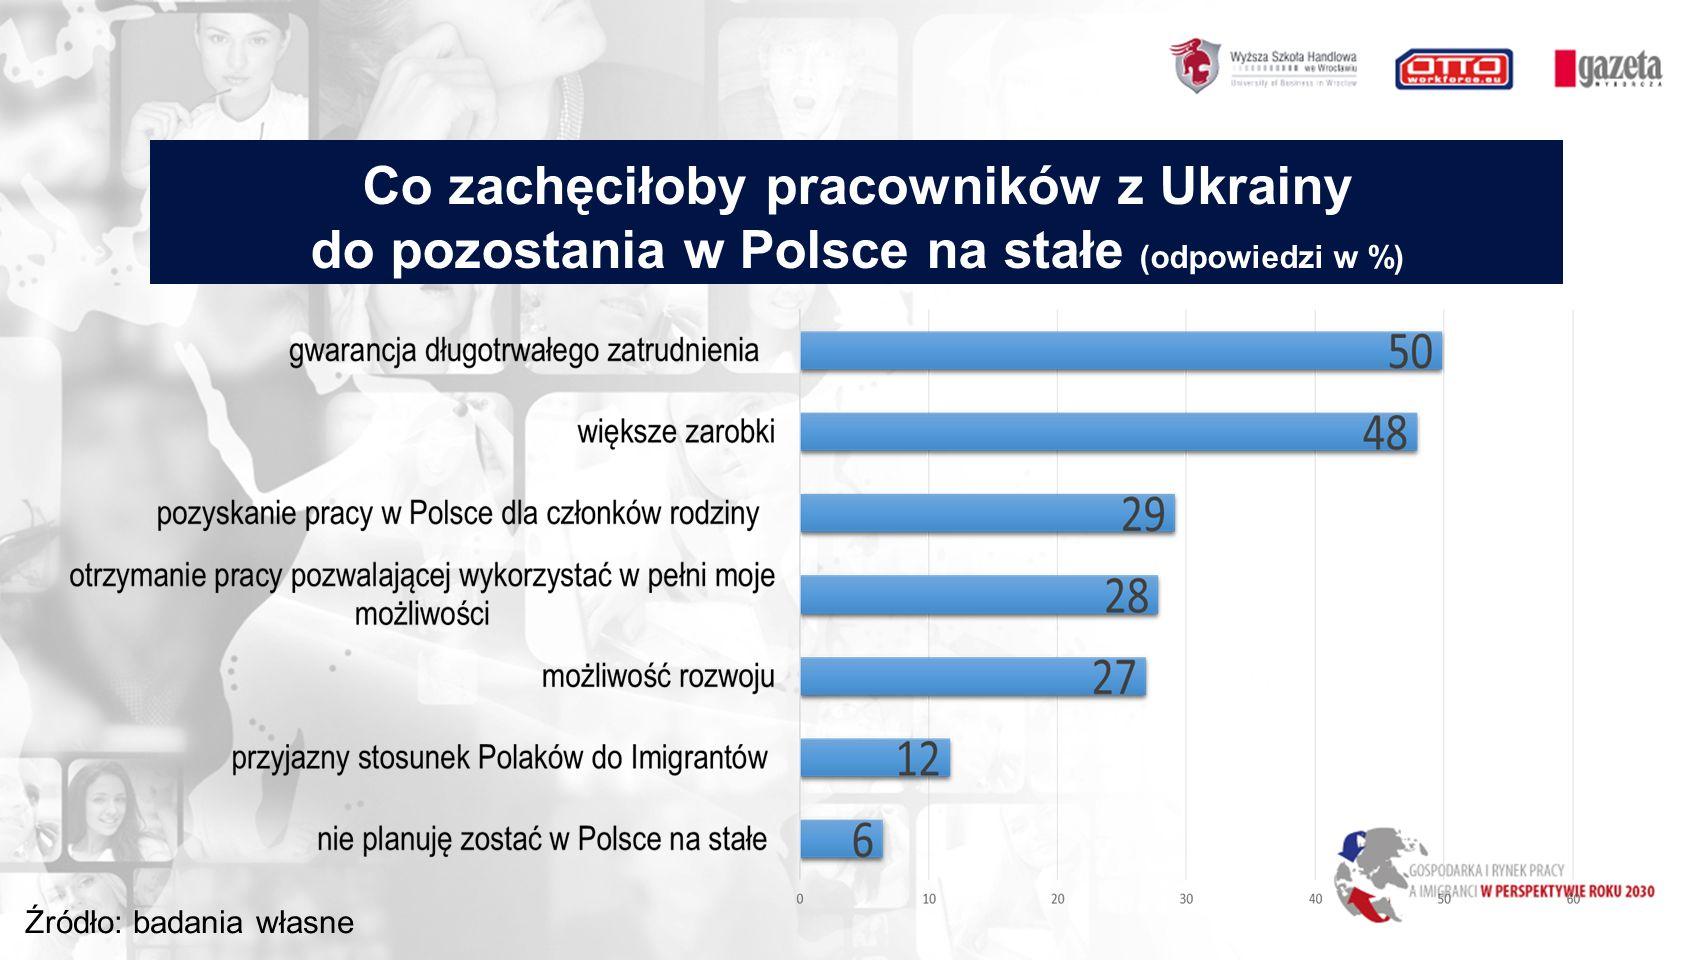 Co zachęciłoby pracowników z Ukrainy do pozostania w Polsce na stałe (odpowiedzi w %) Źródło: badania własne